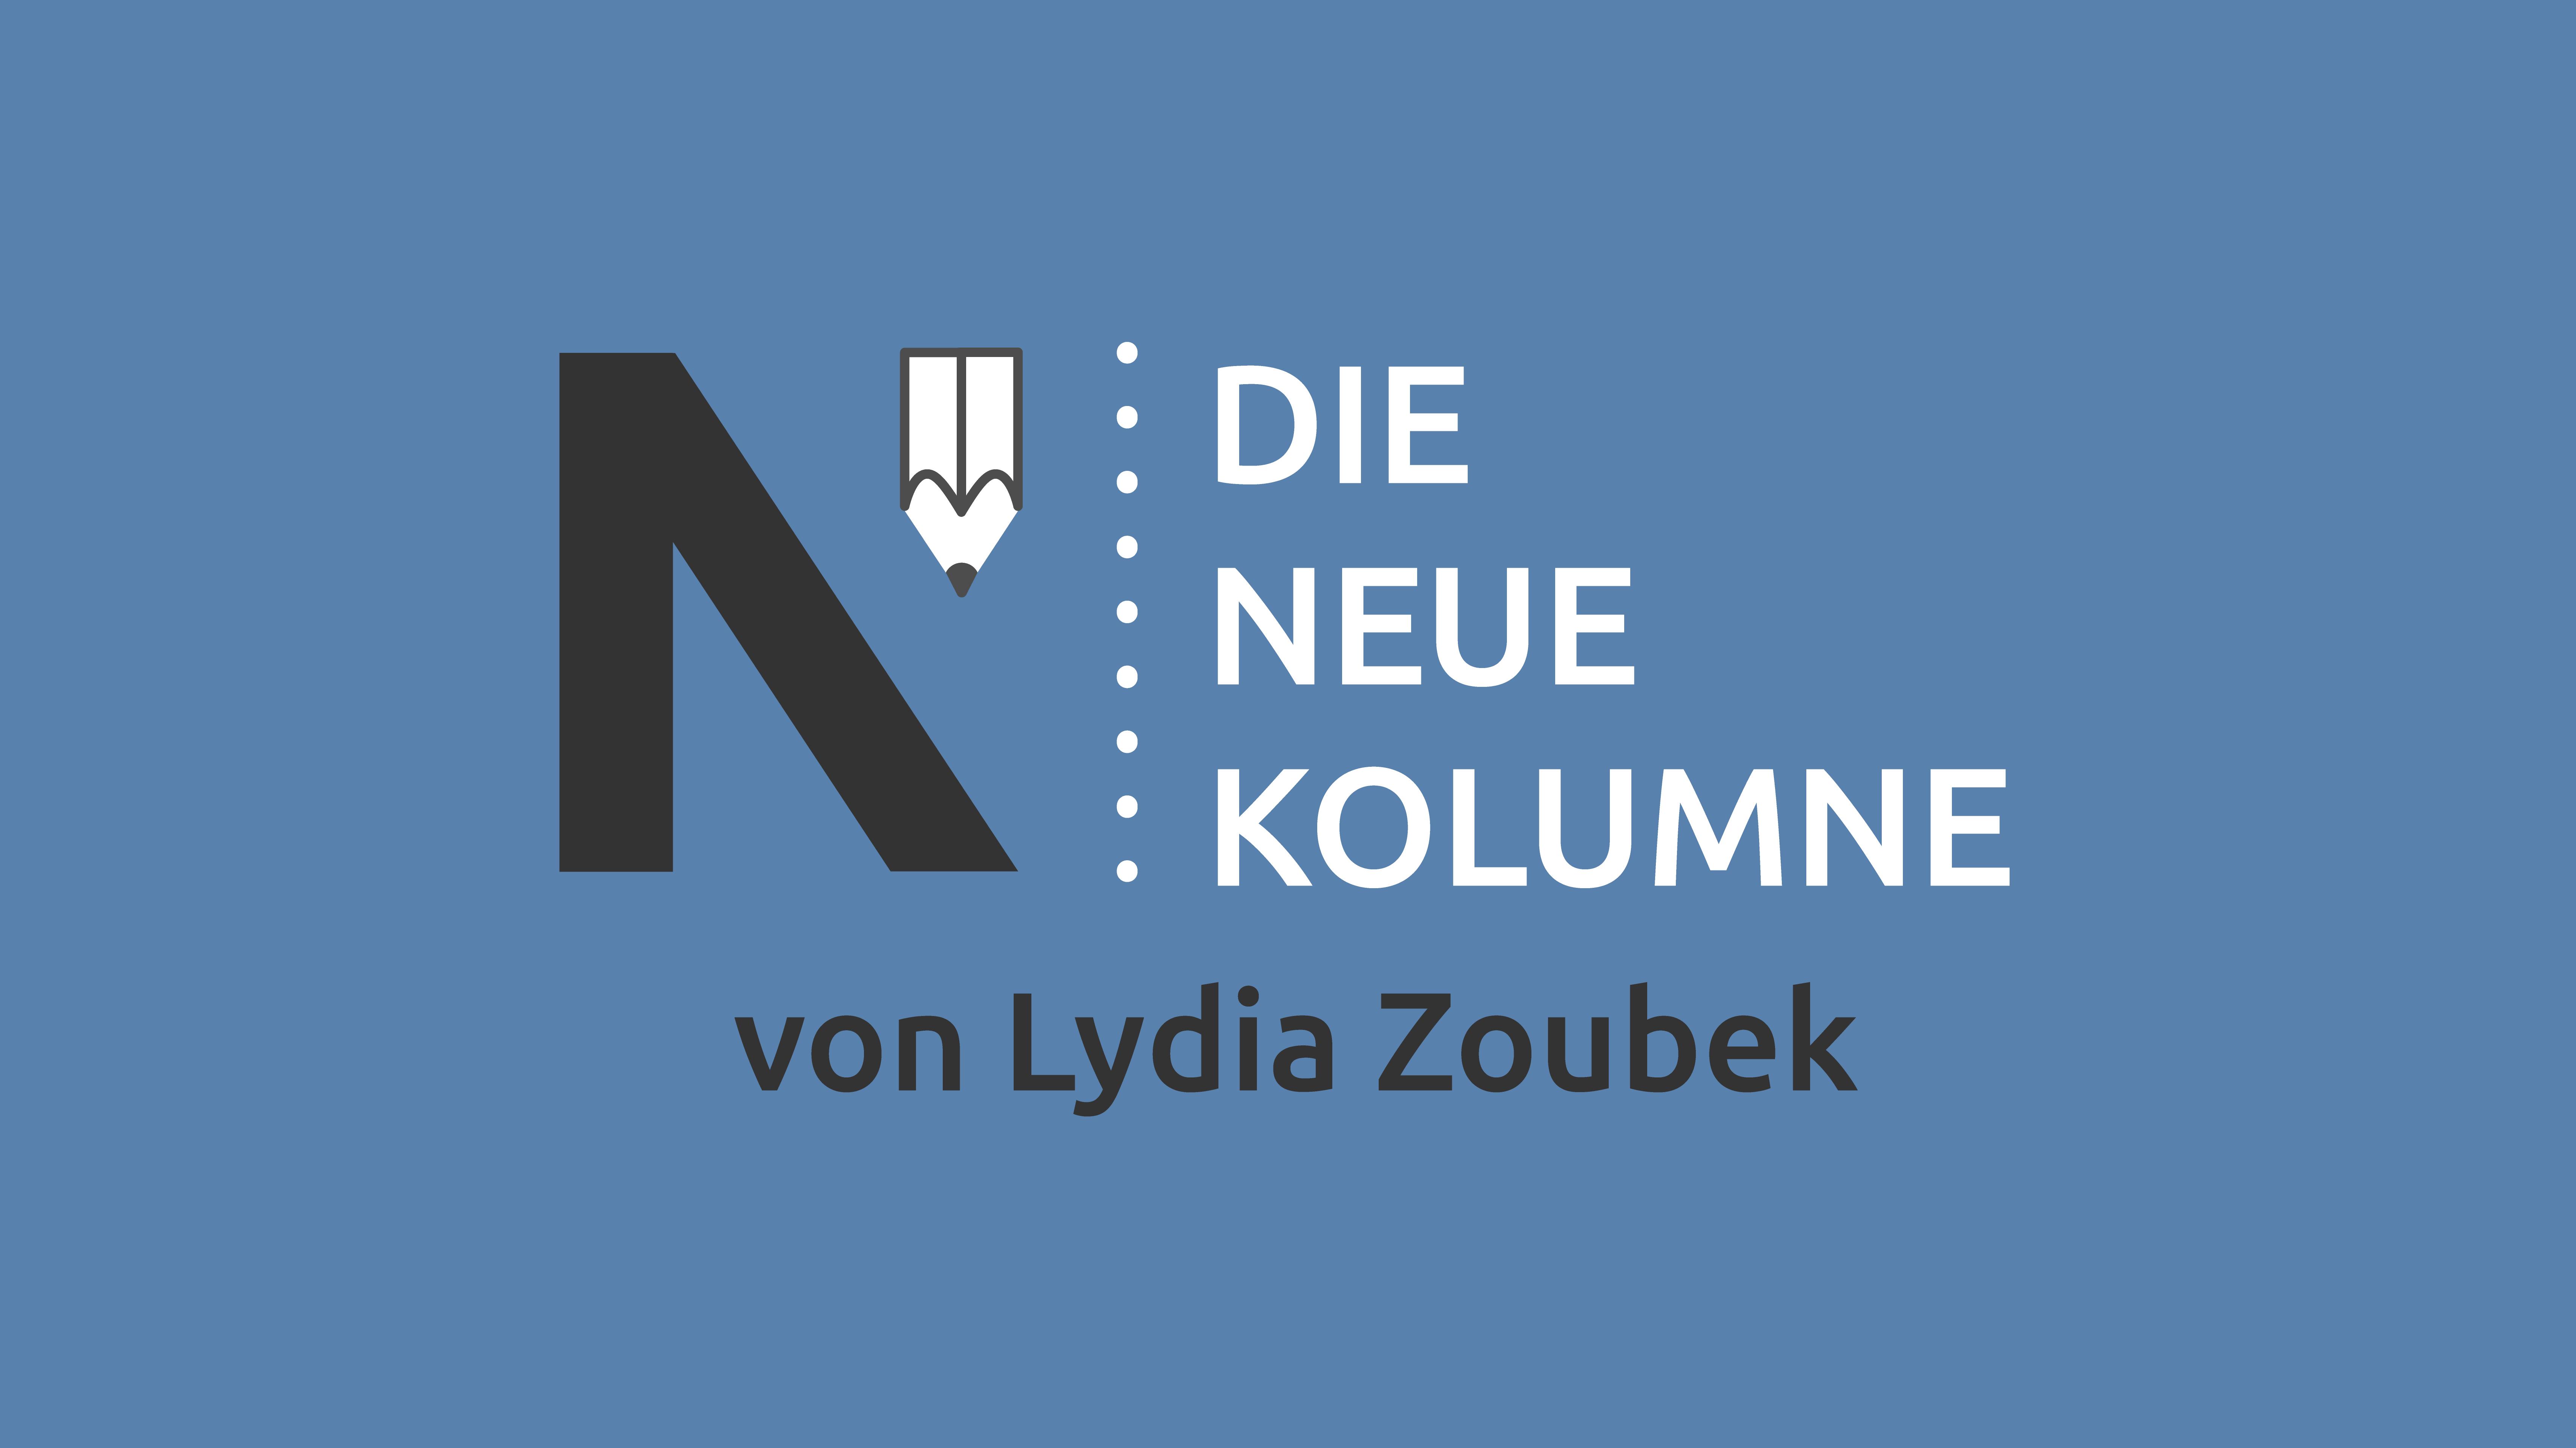 Das Logo von Die Neue Norm auf blauem Grund. Rechts davon steht: Die Neue Kolumne. Unten steht: Von Lydia Zoubek